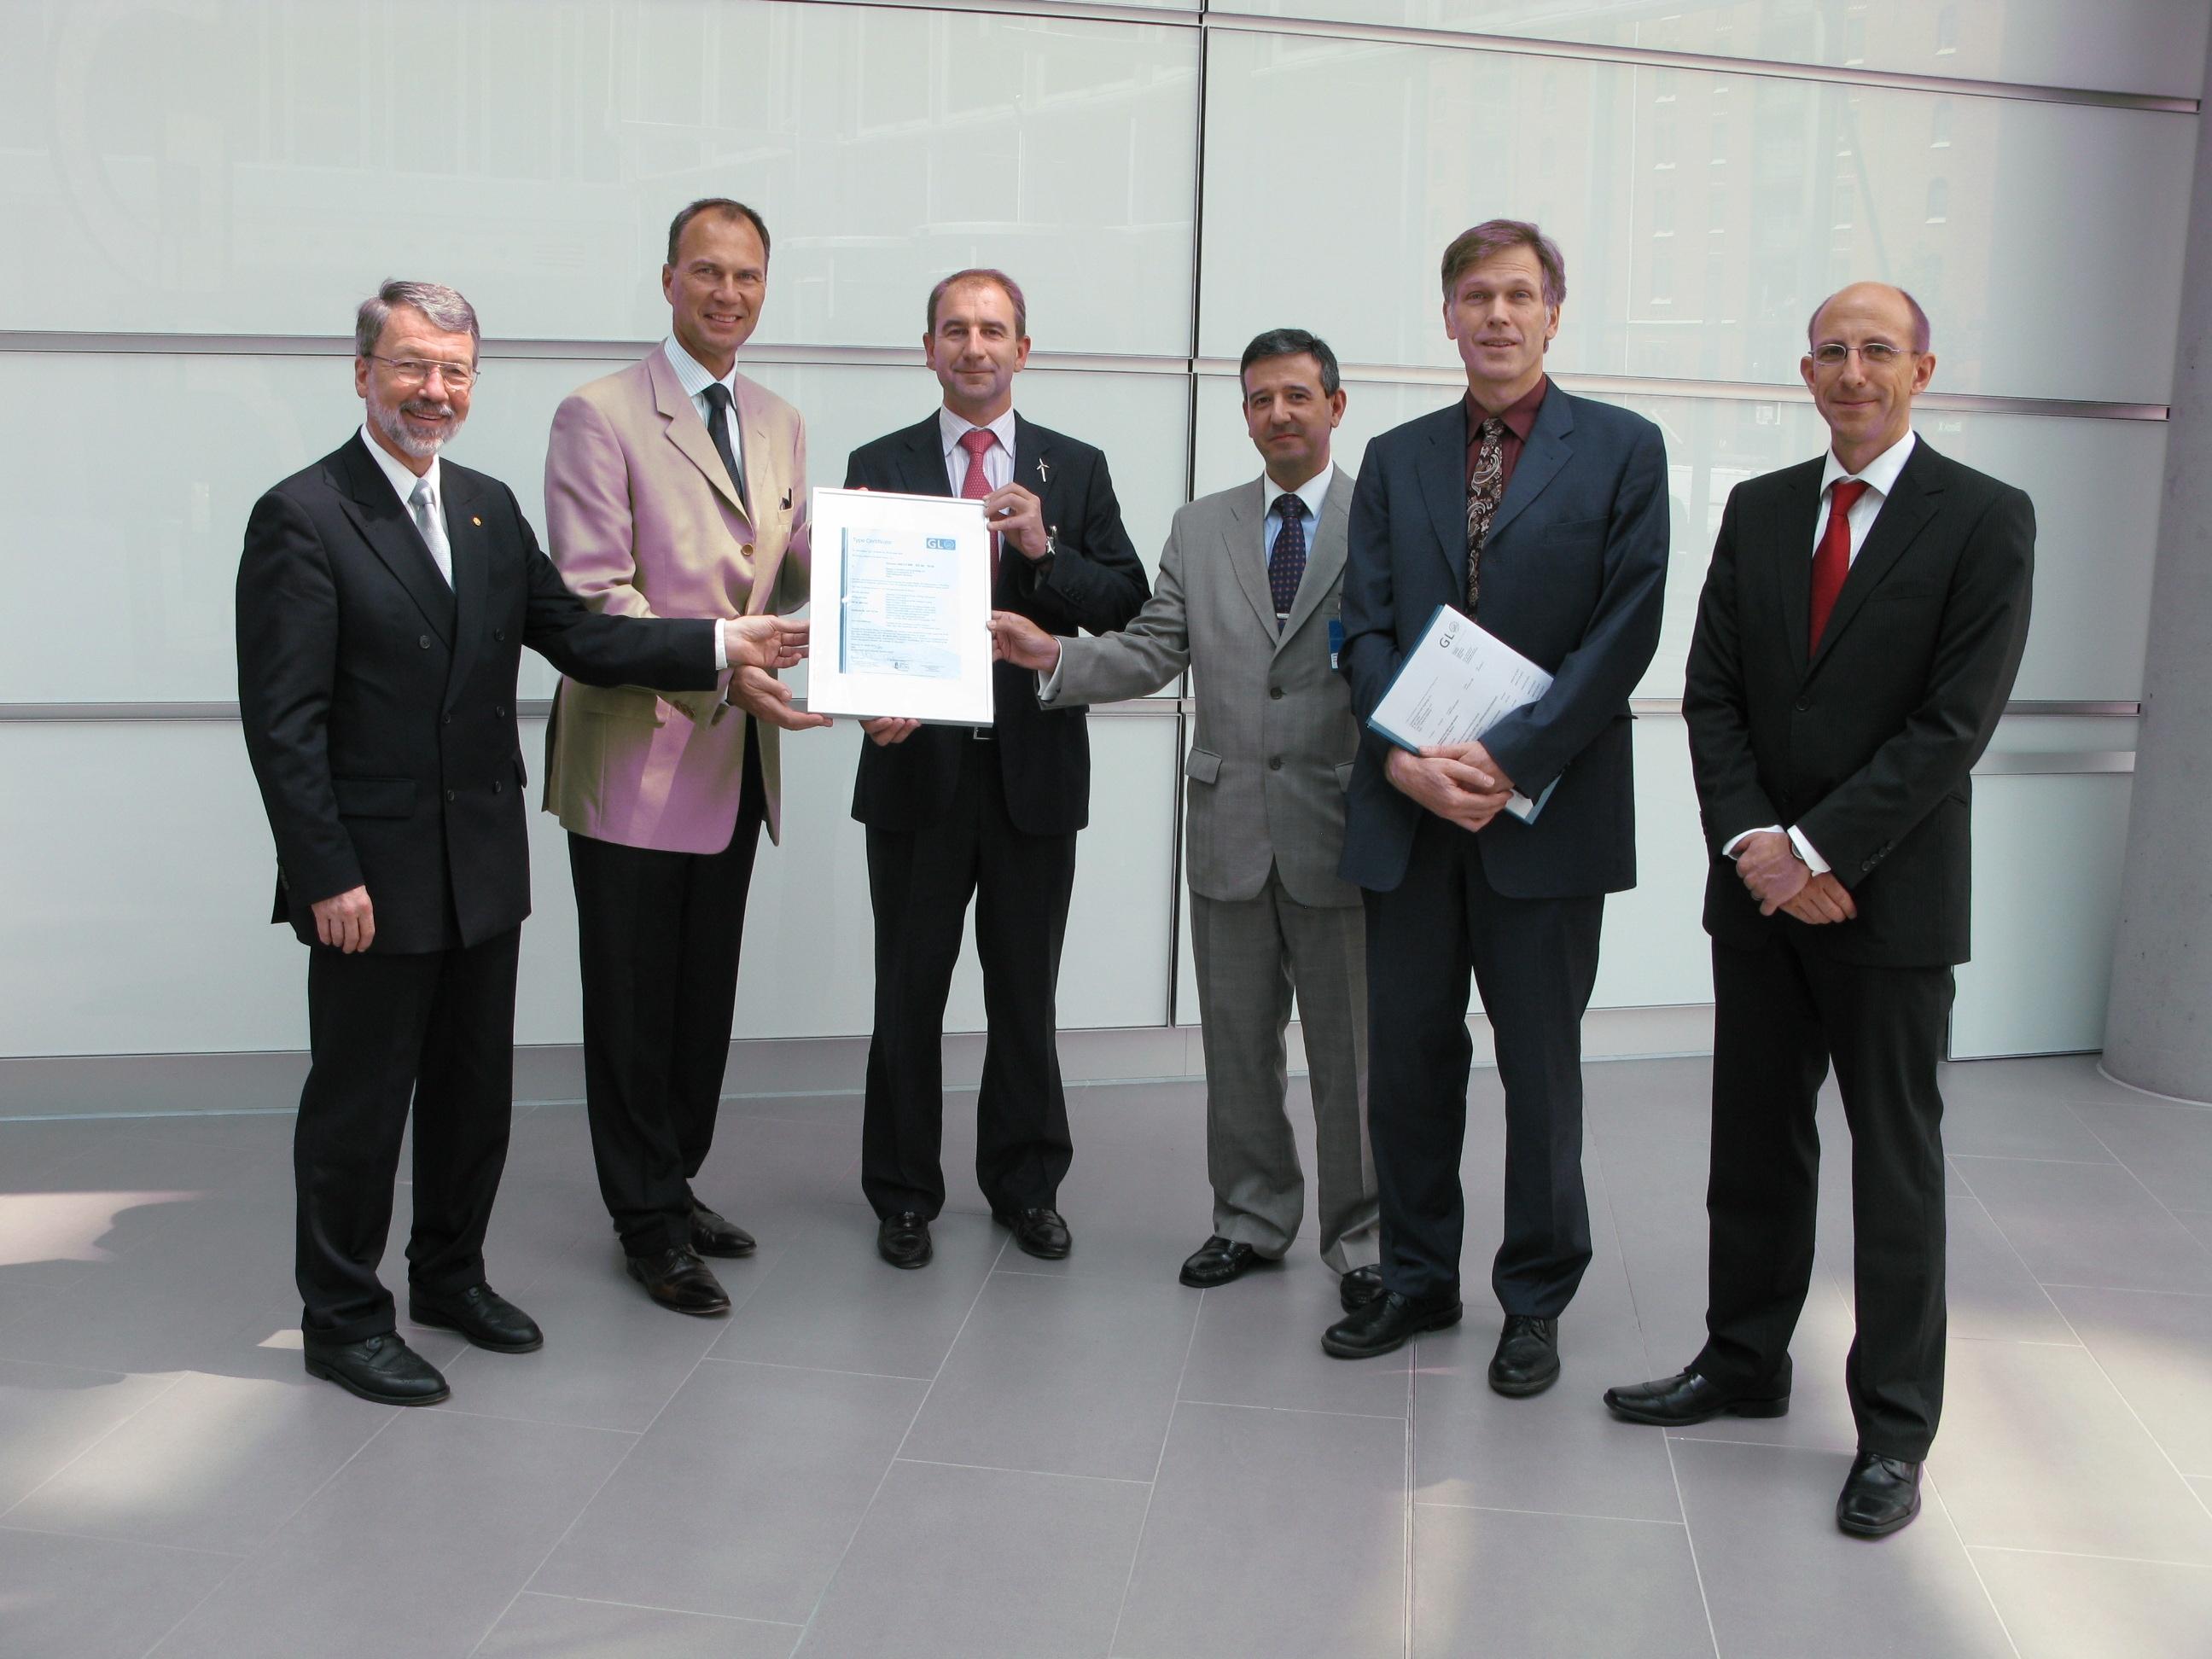 Gamesa obtiene el certificado de su aerogenerador G90 clase II de GL Renewables Certification